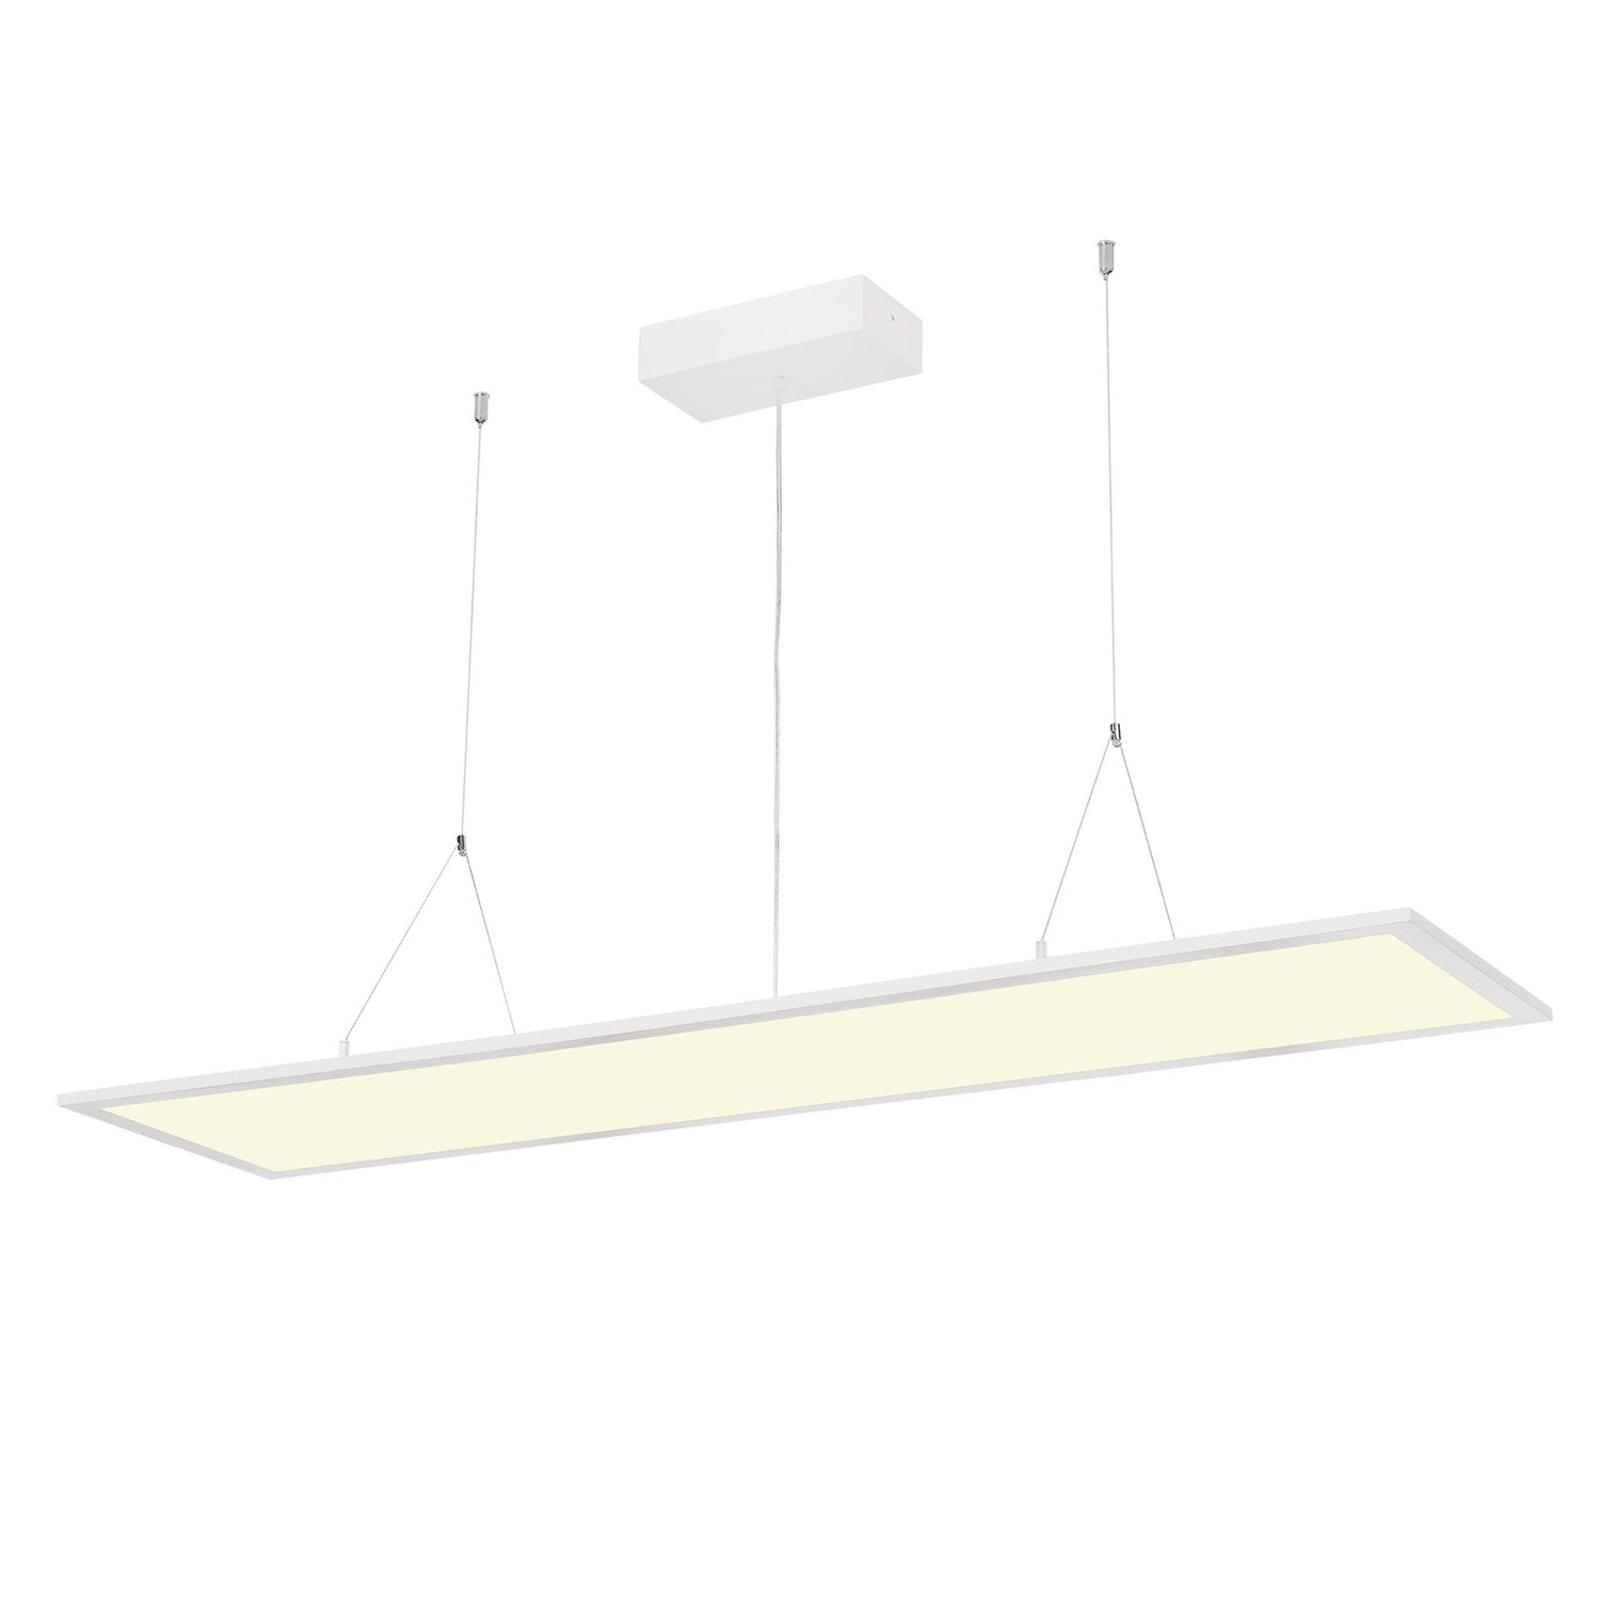 SLV I-Pendant Pro kantoor hanglamp wit 4000K